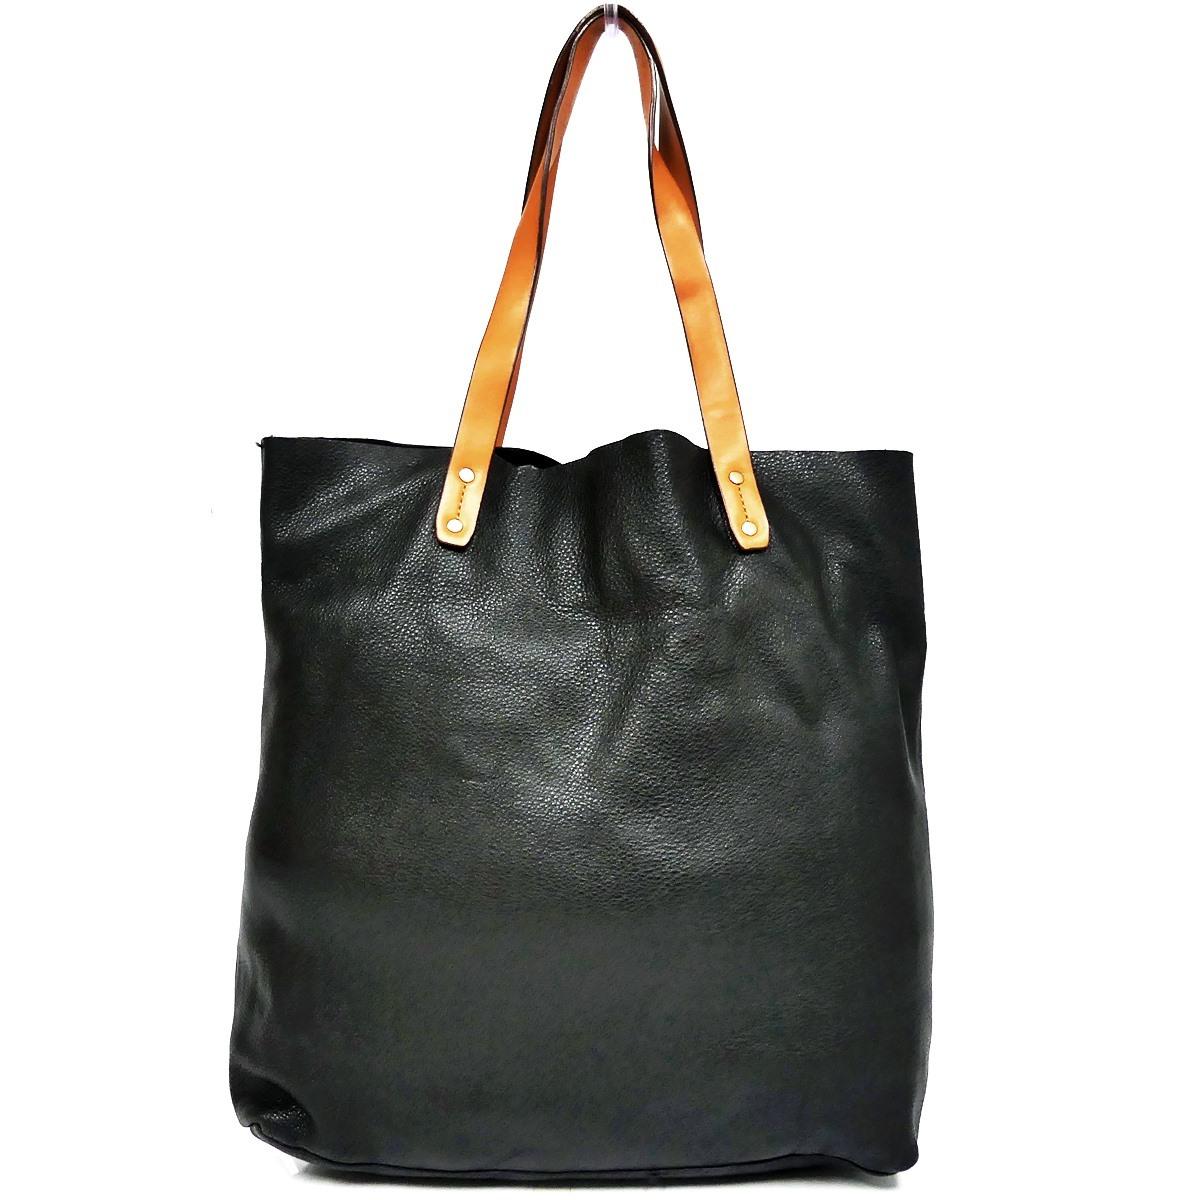 即決★GAP★オールレザートートバッグ ギャップ メンズ 黒 本革 ハンドバッグ 本皮 かばん 通勤 トラベル 出張 手提げバッグ 鞄 レディース_画像2